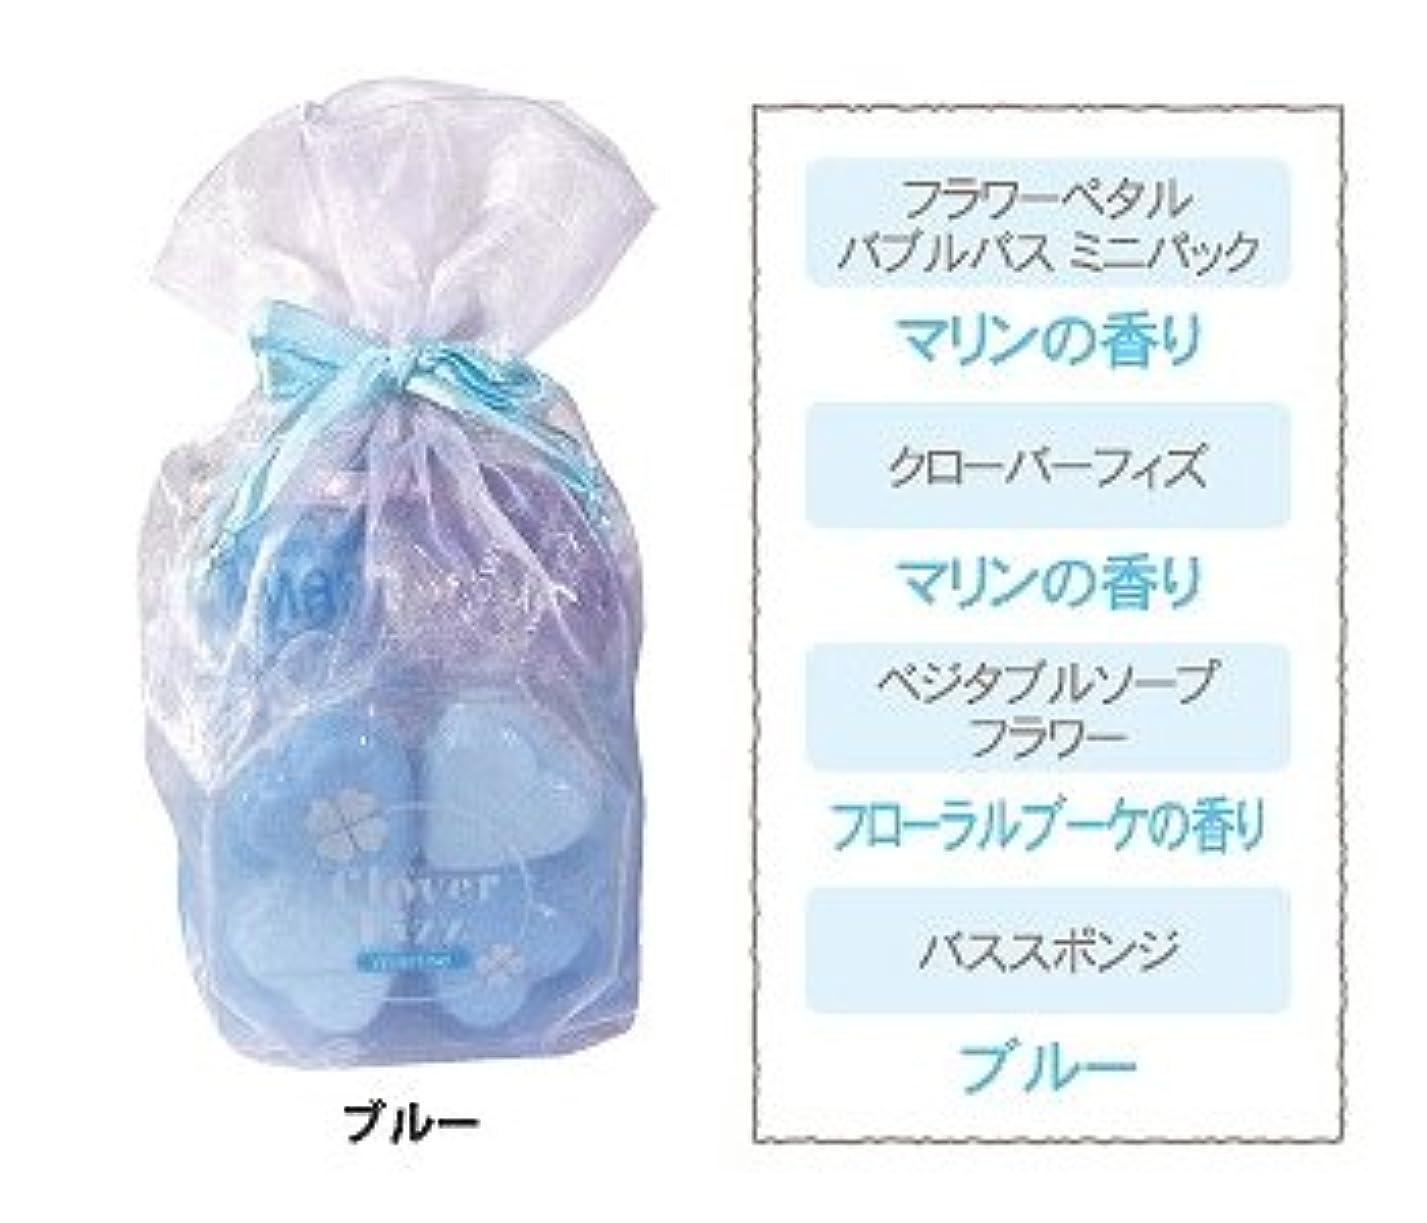 くすぐったい甘美な提案するグレイス バスギフト ブルー 6個セット